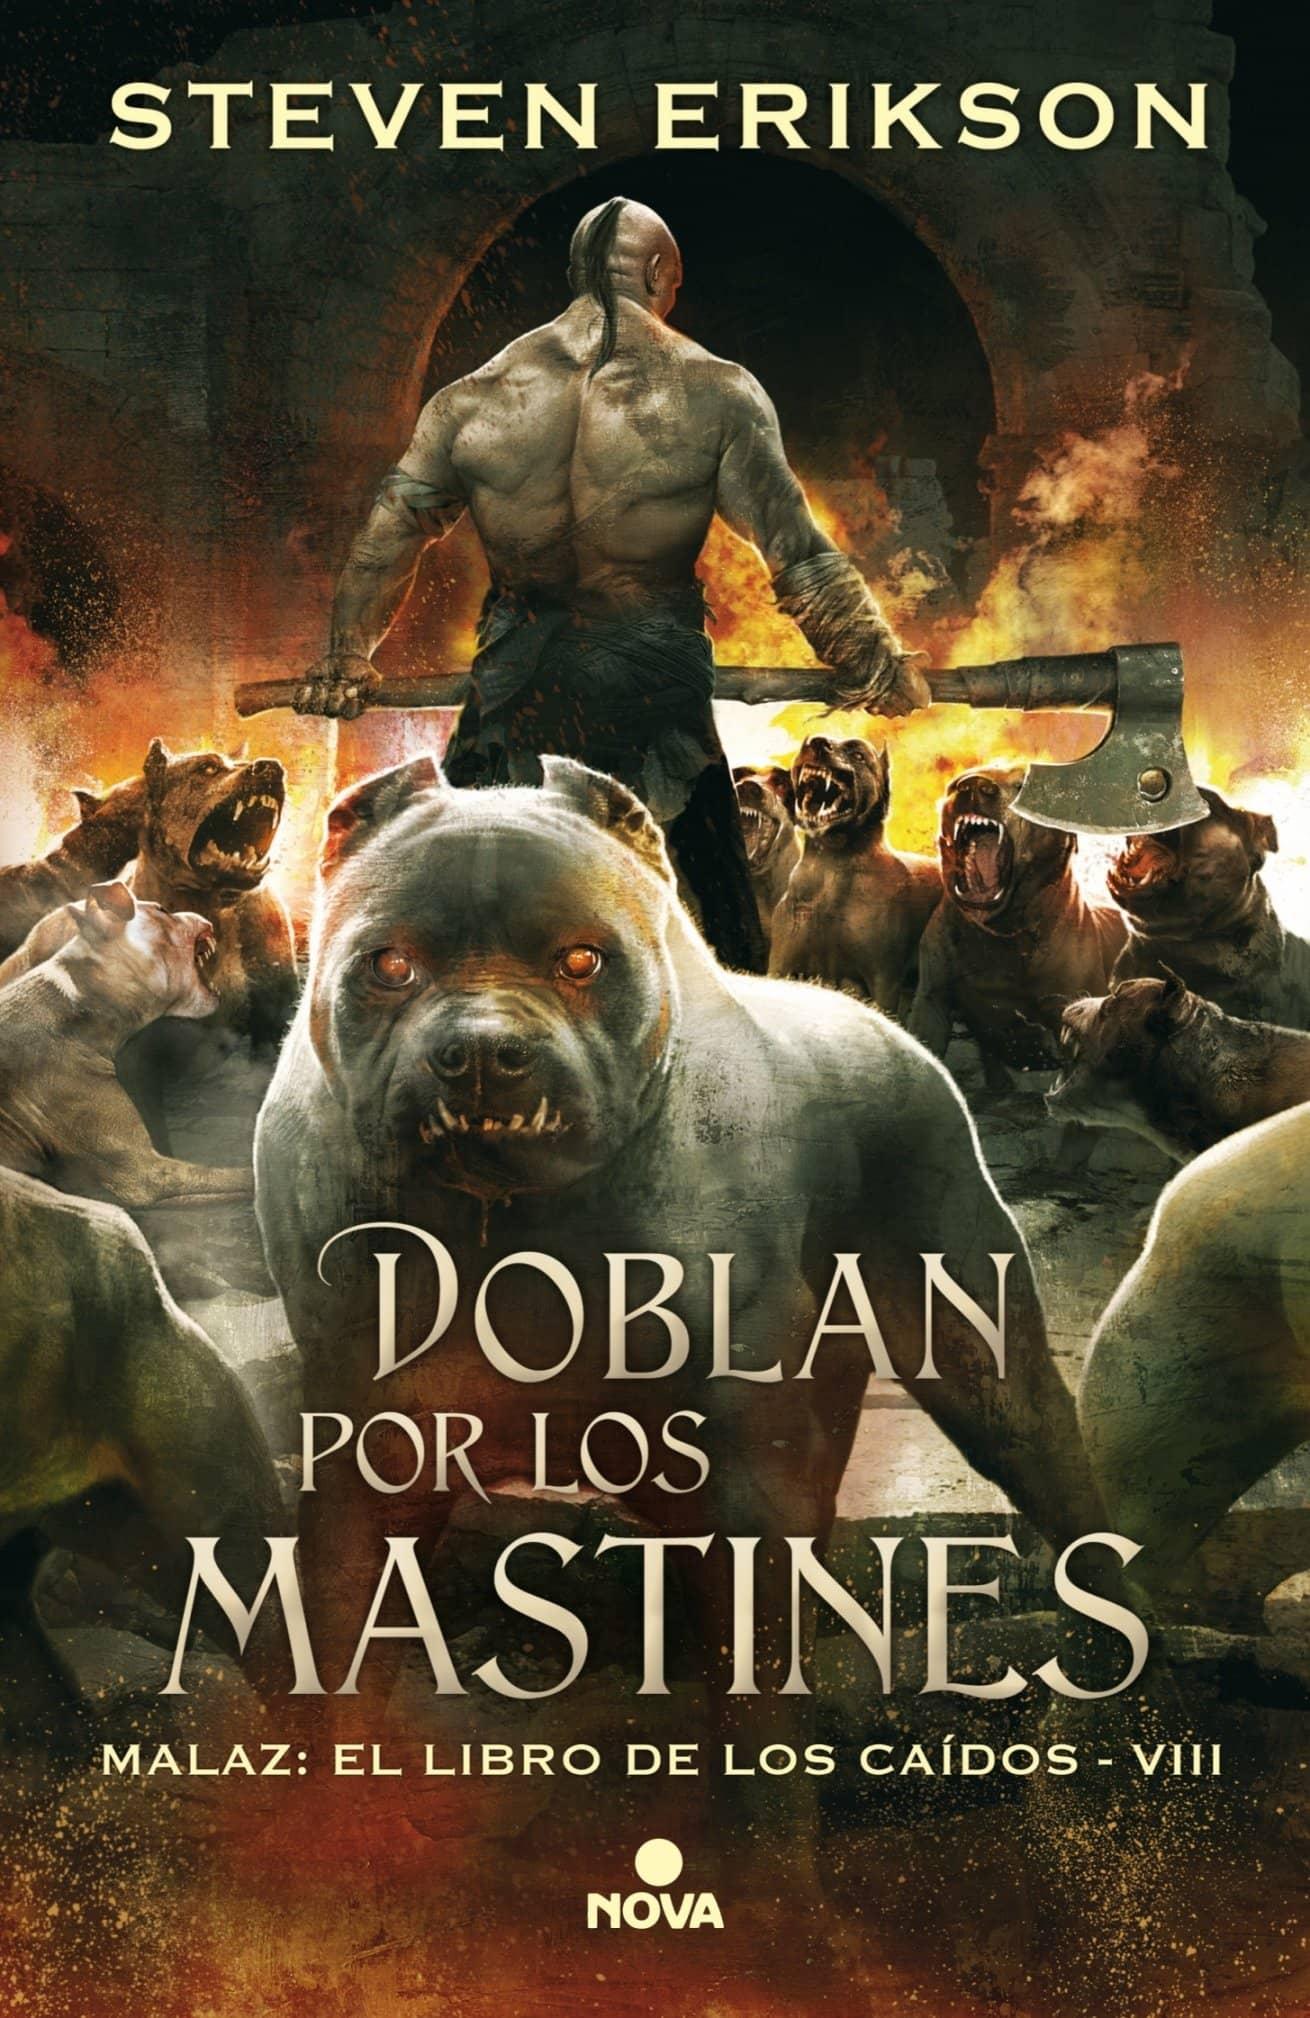 DOBLAN POR LOS MASTINES (MALAZ: EL LIBRO DE LOS CAIDOS 08)